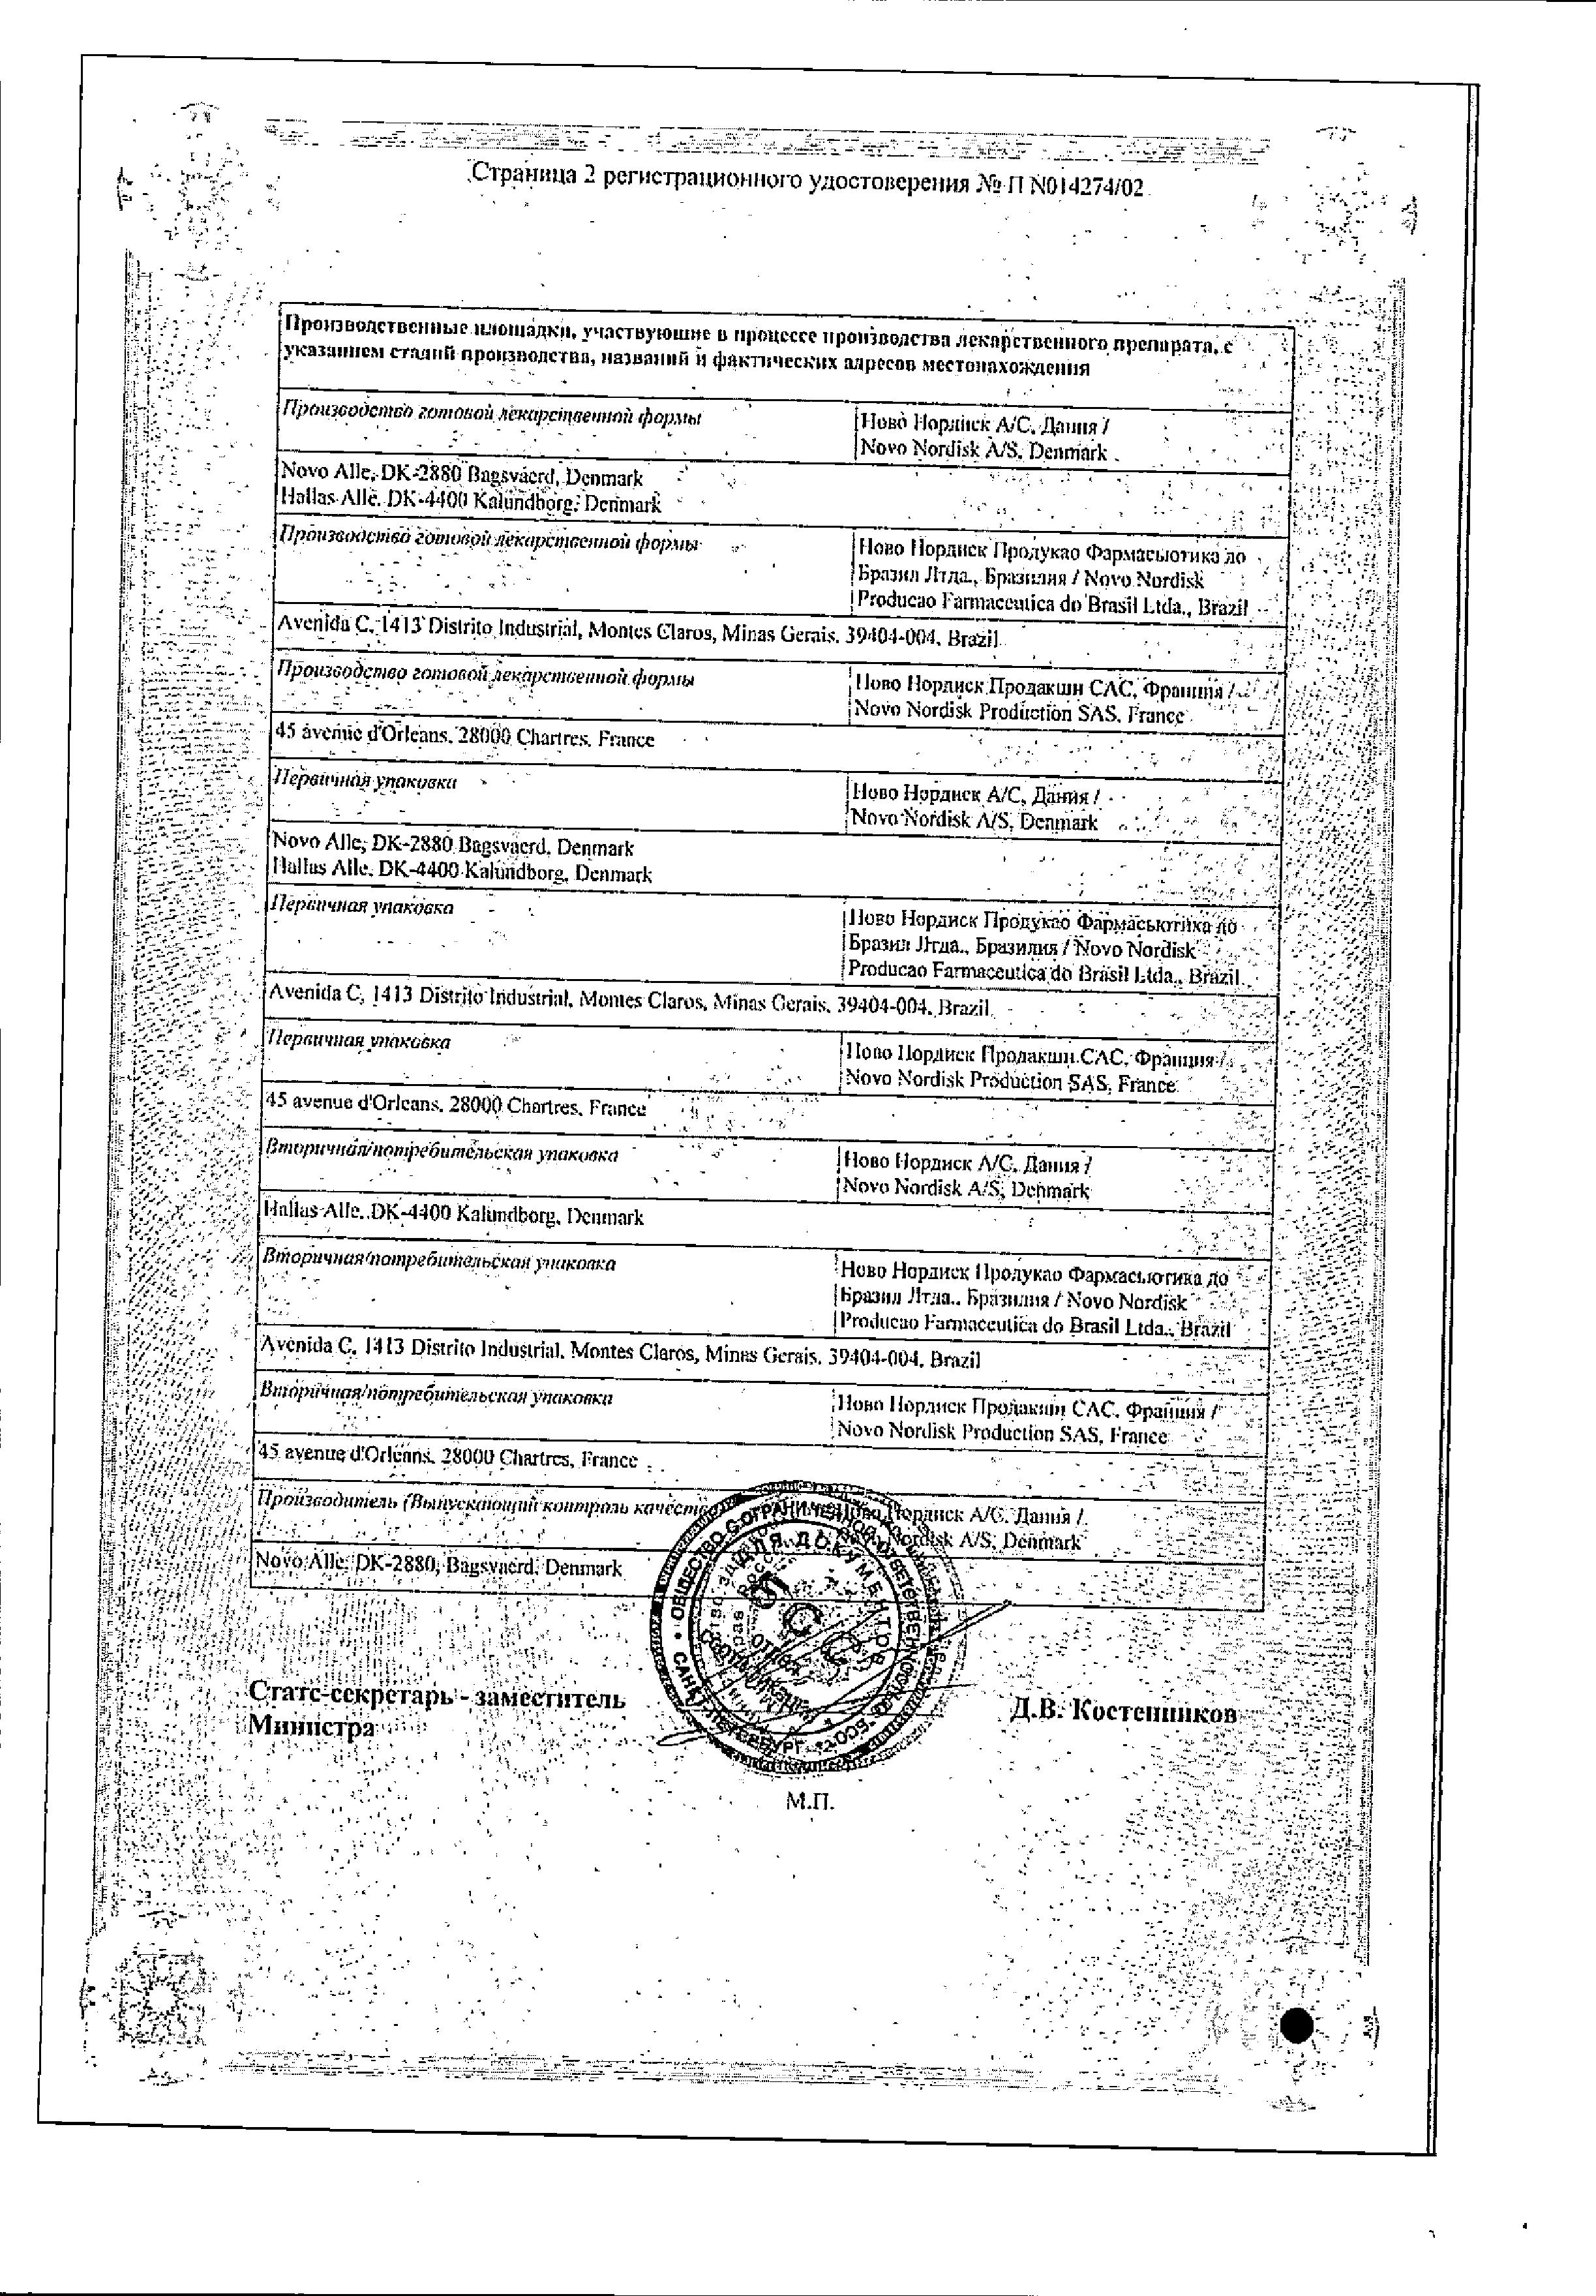 Актрапид HM Пенфилл сертификат